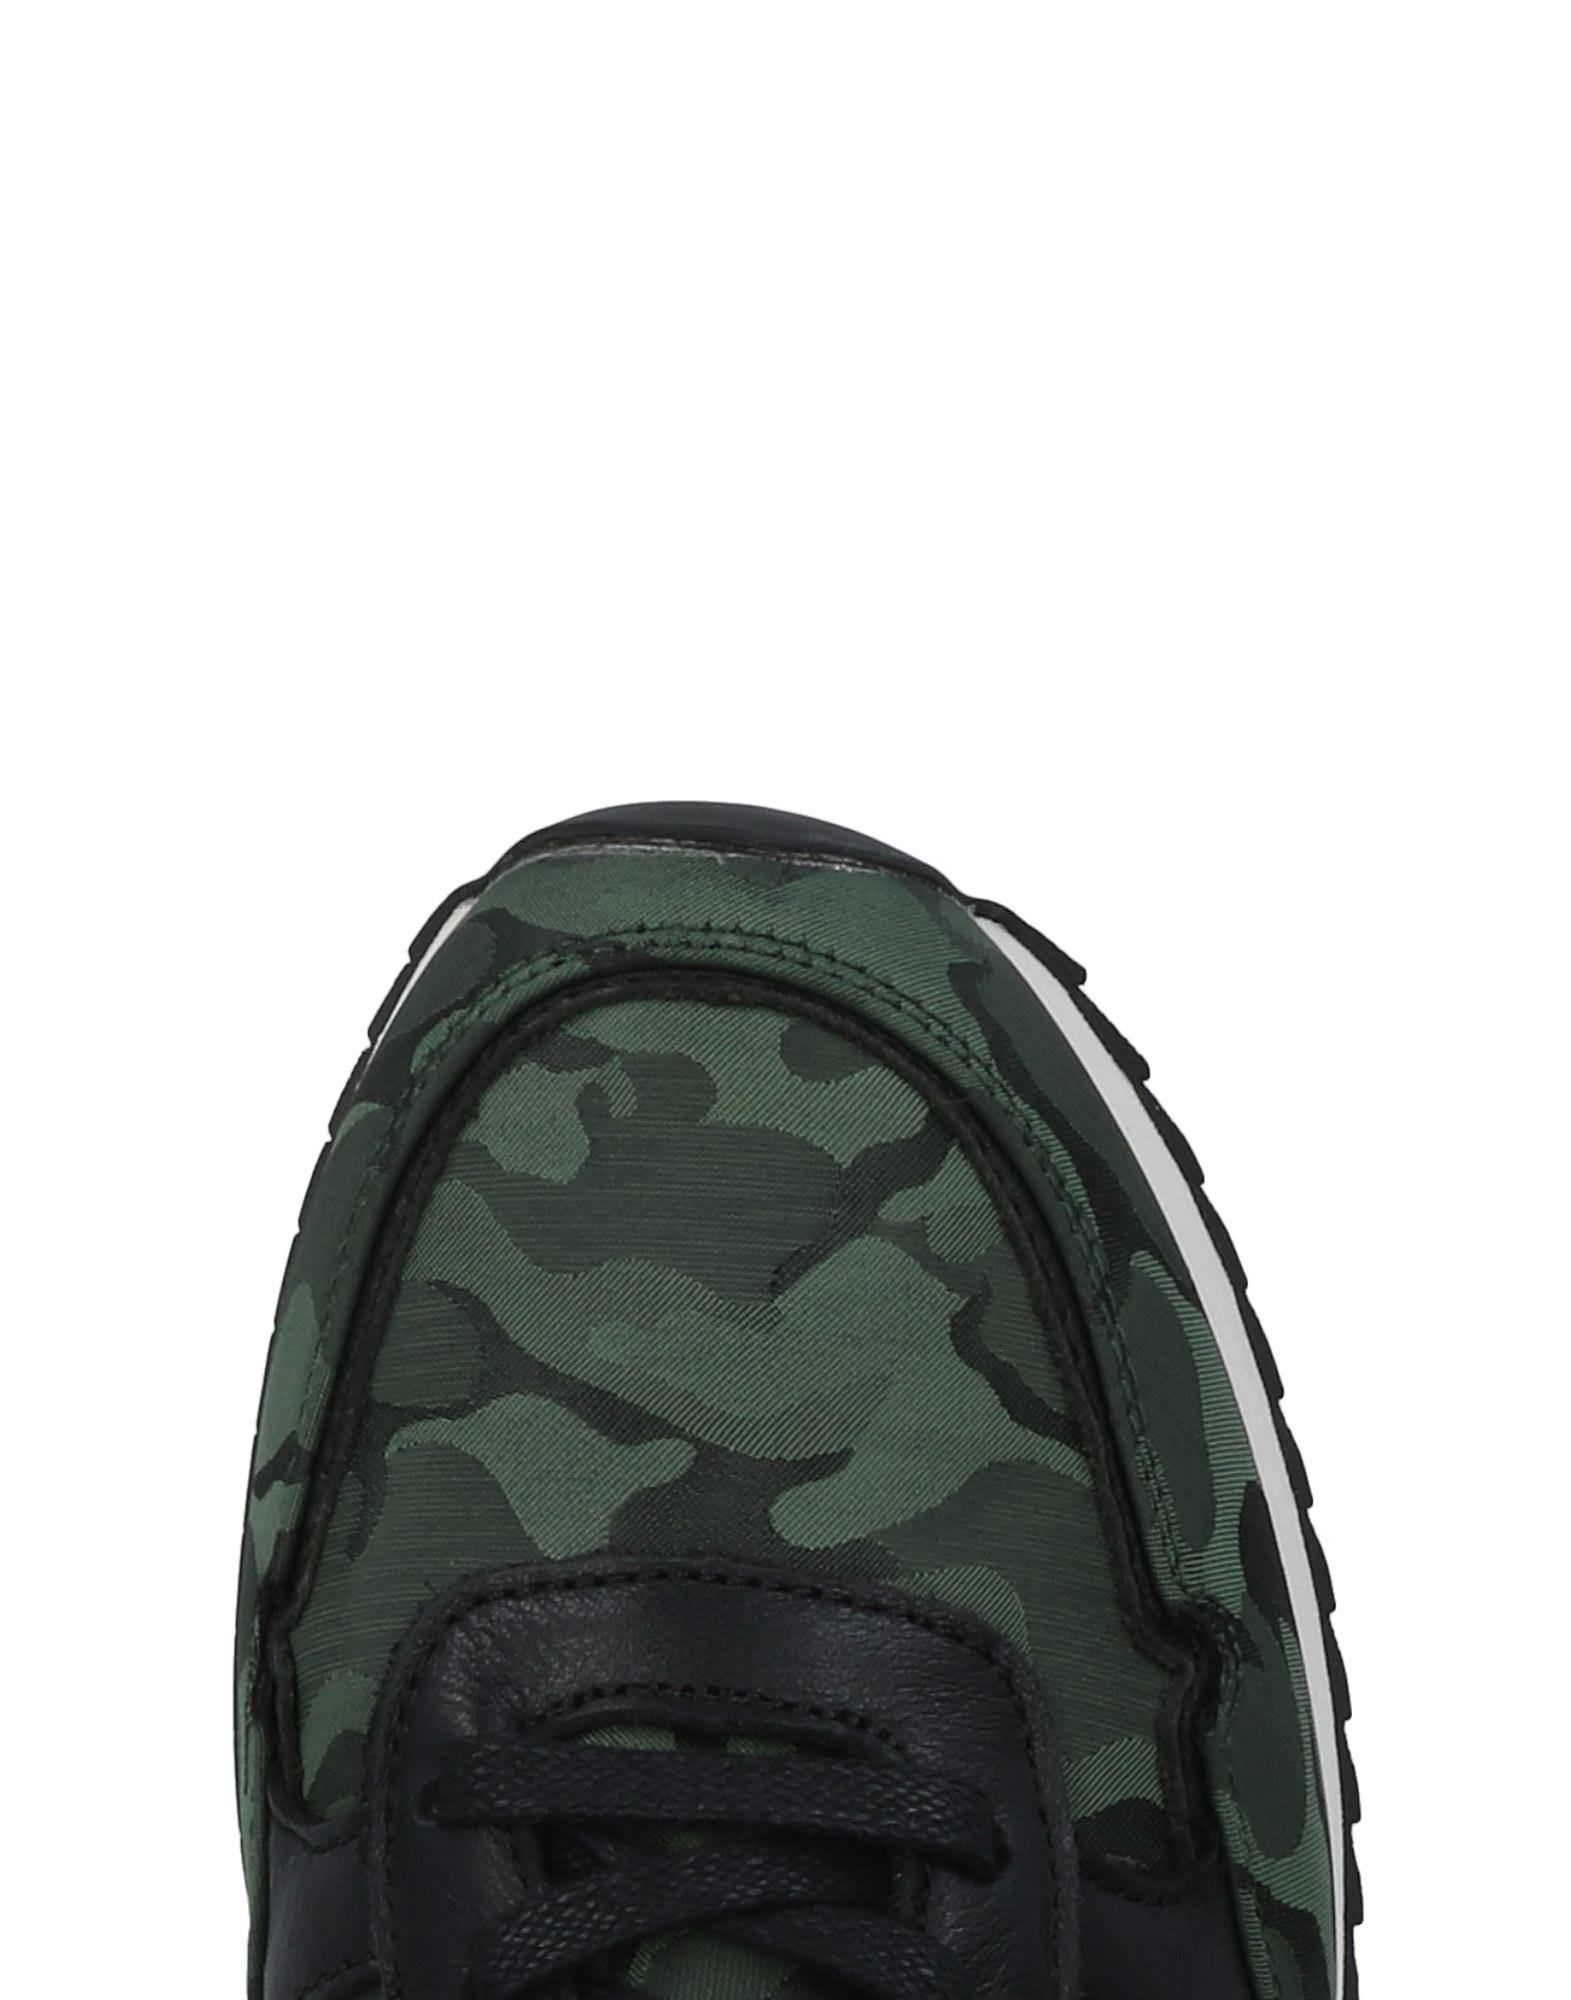 Rabatt echte  Schuhe Replay Sneakers Herren  echte 11493126SJ ae739d